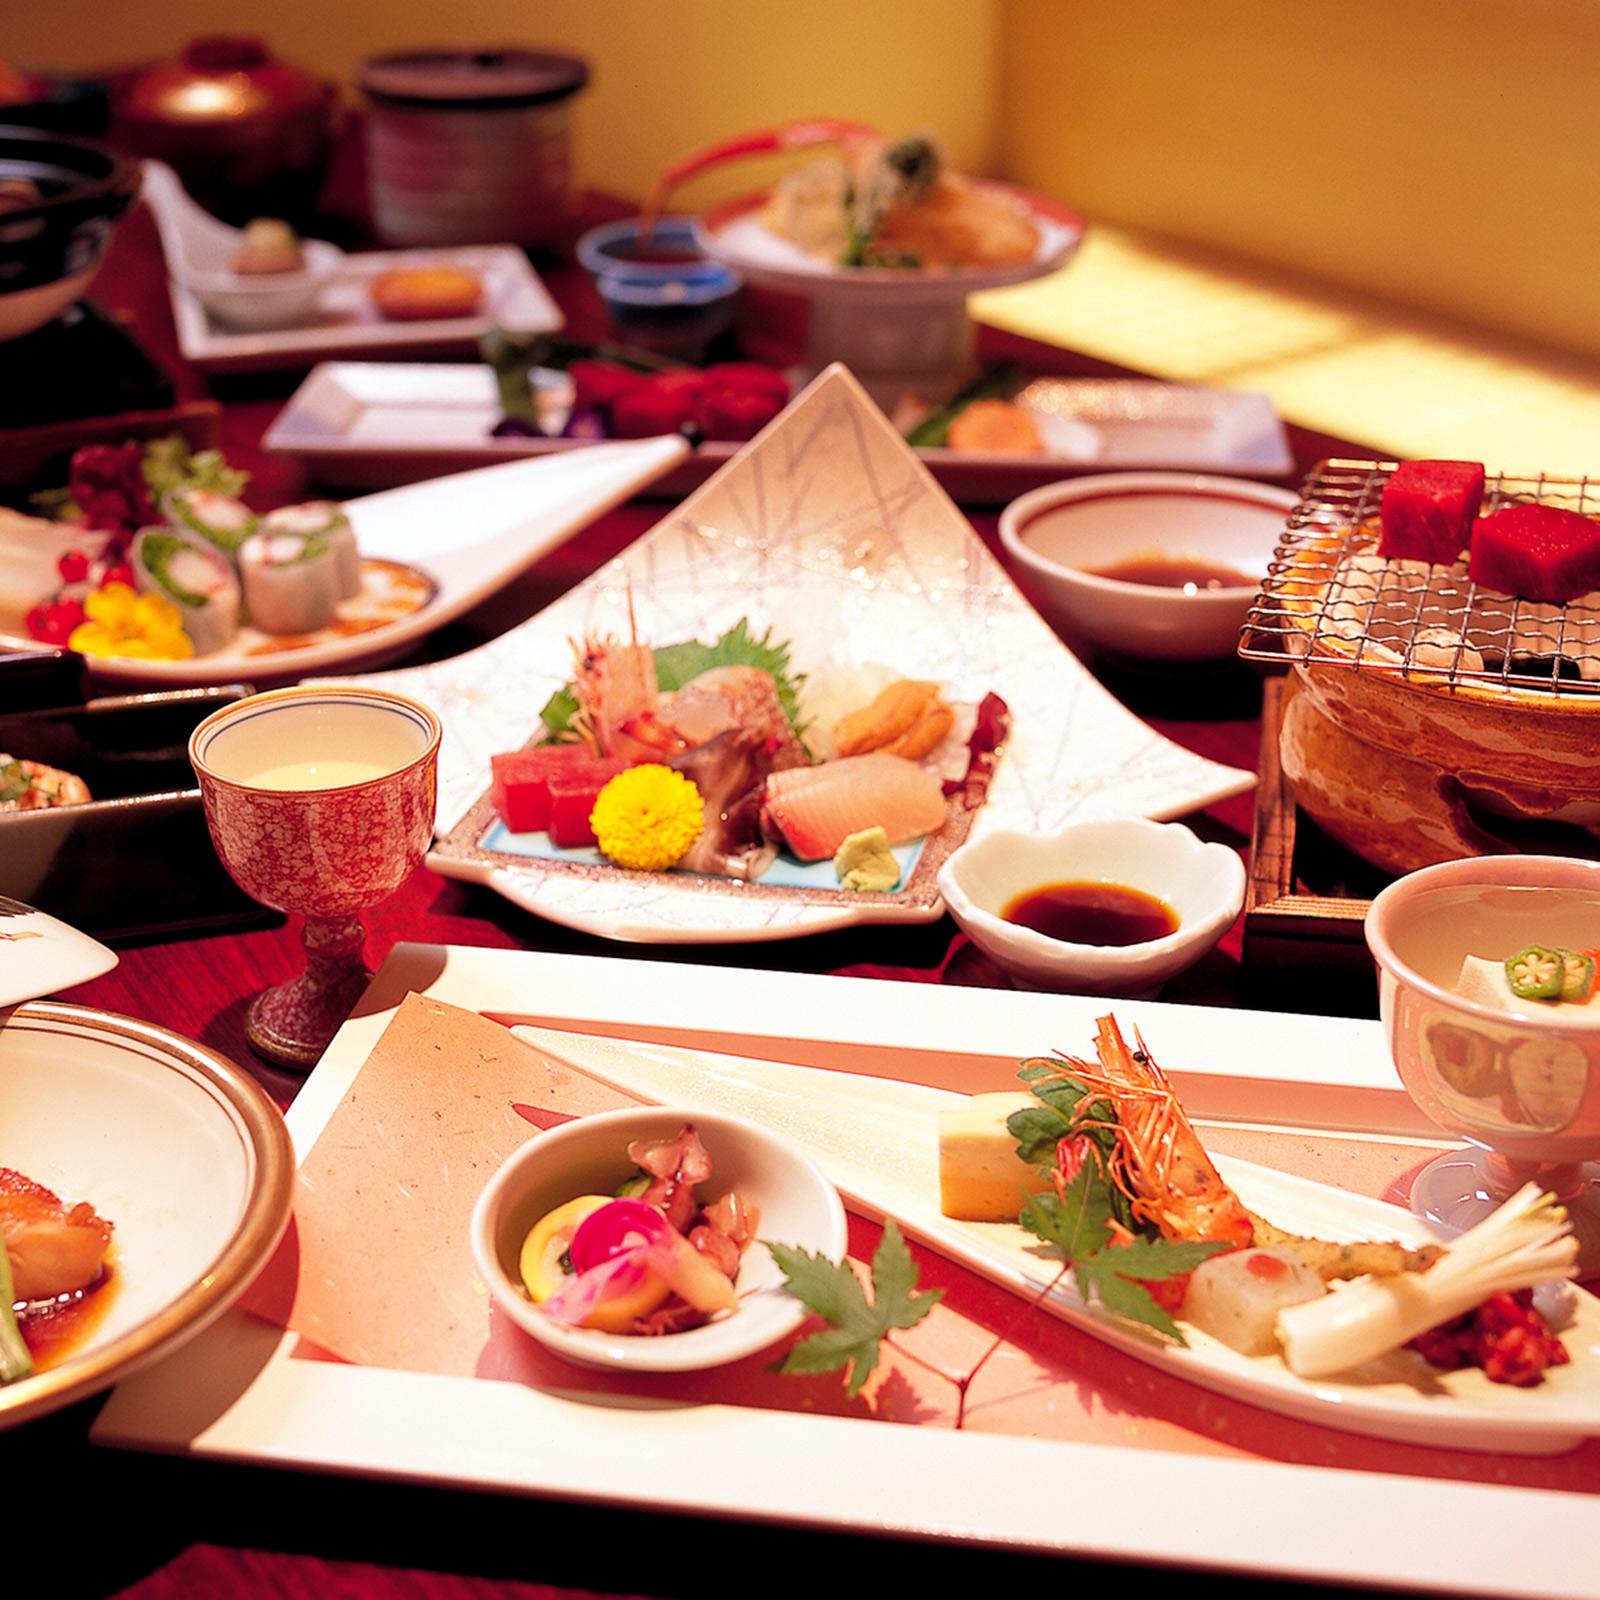 食前酒からデザートまで、コース料理の献立は13品。季節ごとに素材を変えている。